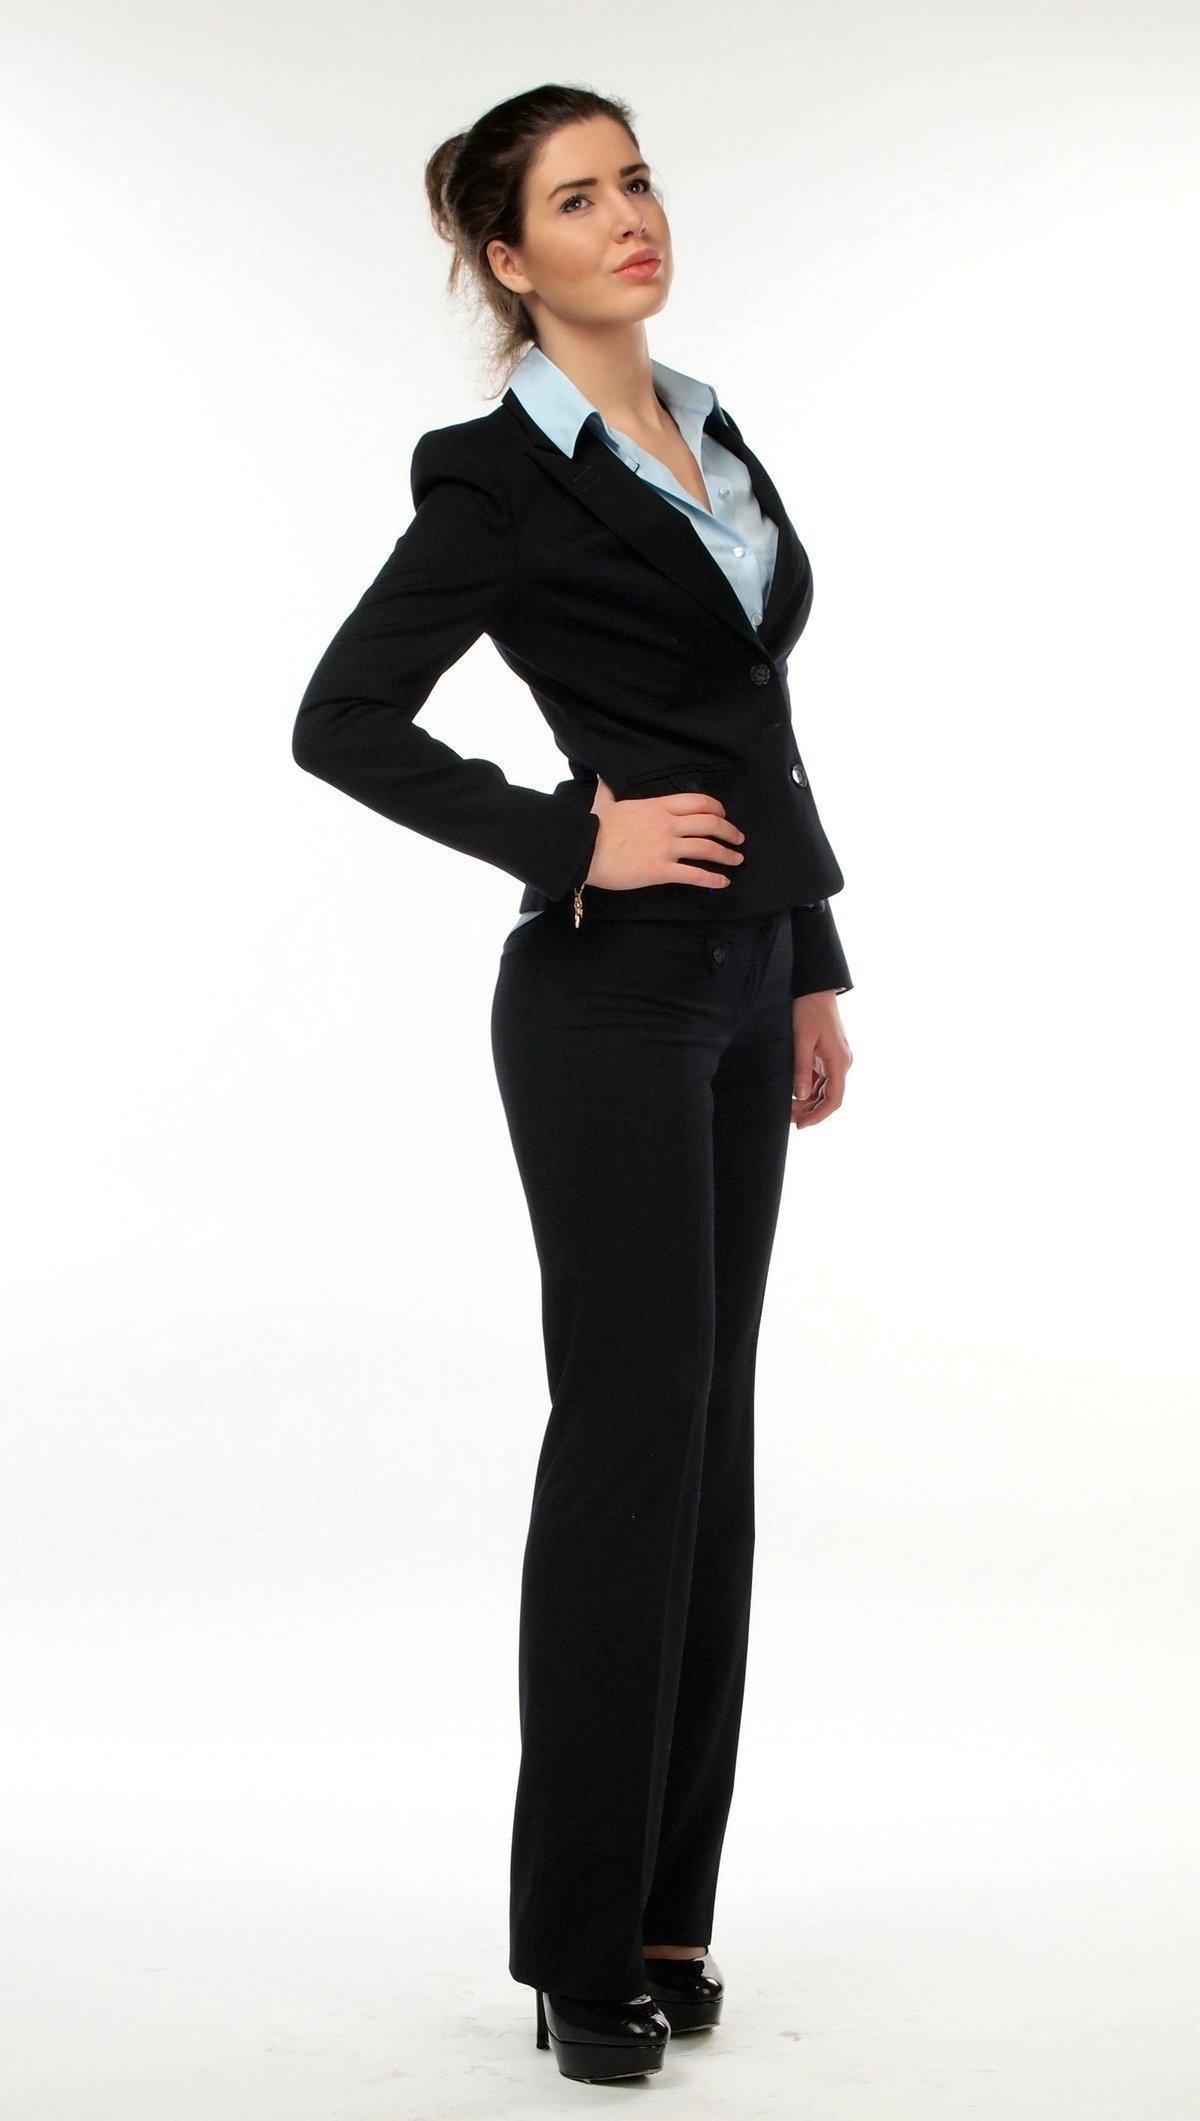 devushka-v-delovom-kostyume-video-seks-vintazhnoe-onlayn-polnometrazhnoe